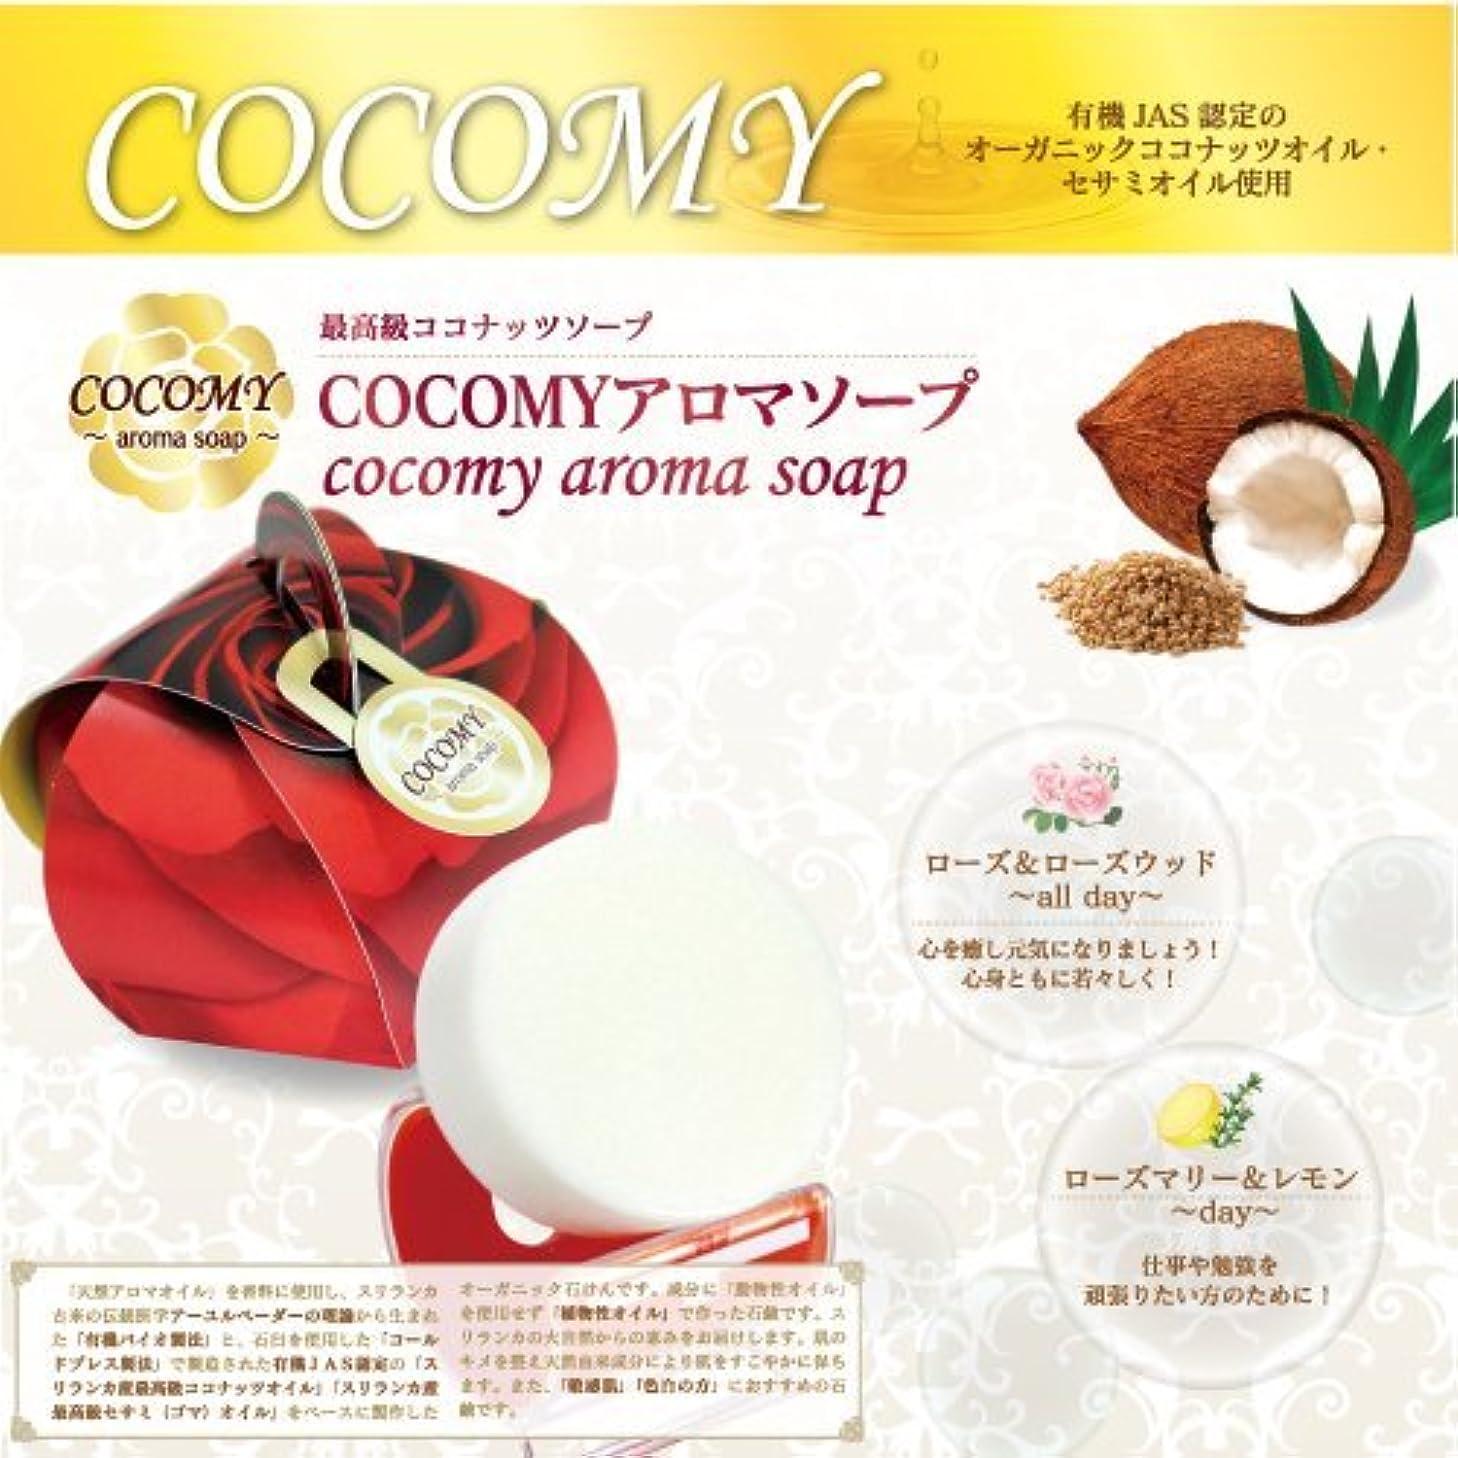 脅威リーク有名COCOMY aromaソープ 2個セット (ローズマリー&レモン)(ローズ&ローズウッド) 40g×各1